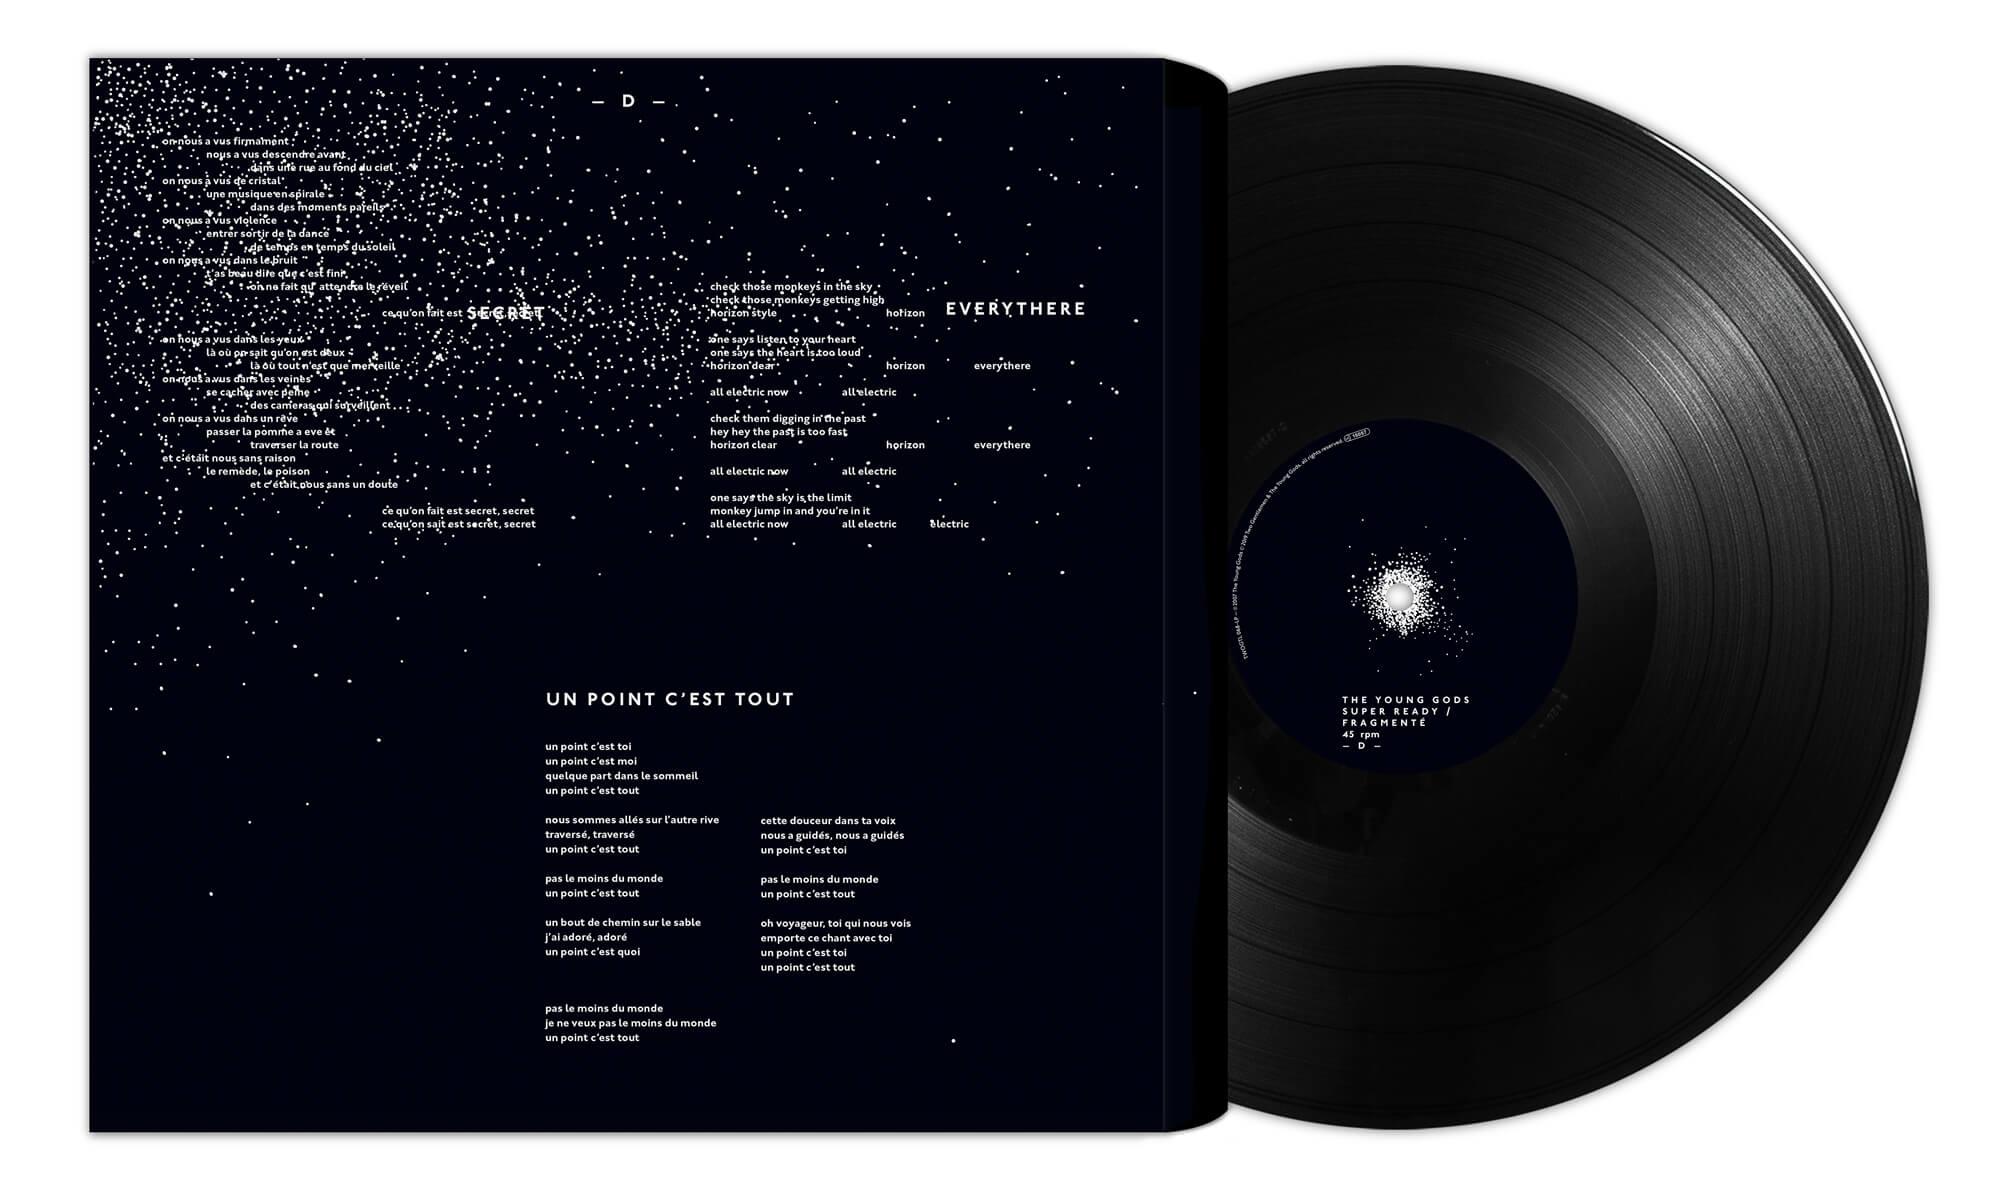 face D du double vinyle Super Ready/Fragmenté, 9ème album du trio The Young Gods, sorti la première fois en 2007 et réedité en 2019 dans une version collector dessinée par le studio Ich&Kar